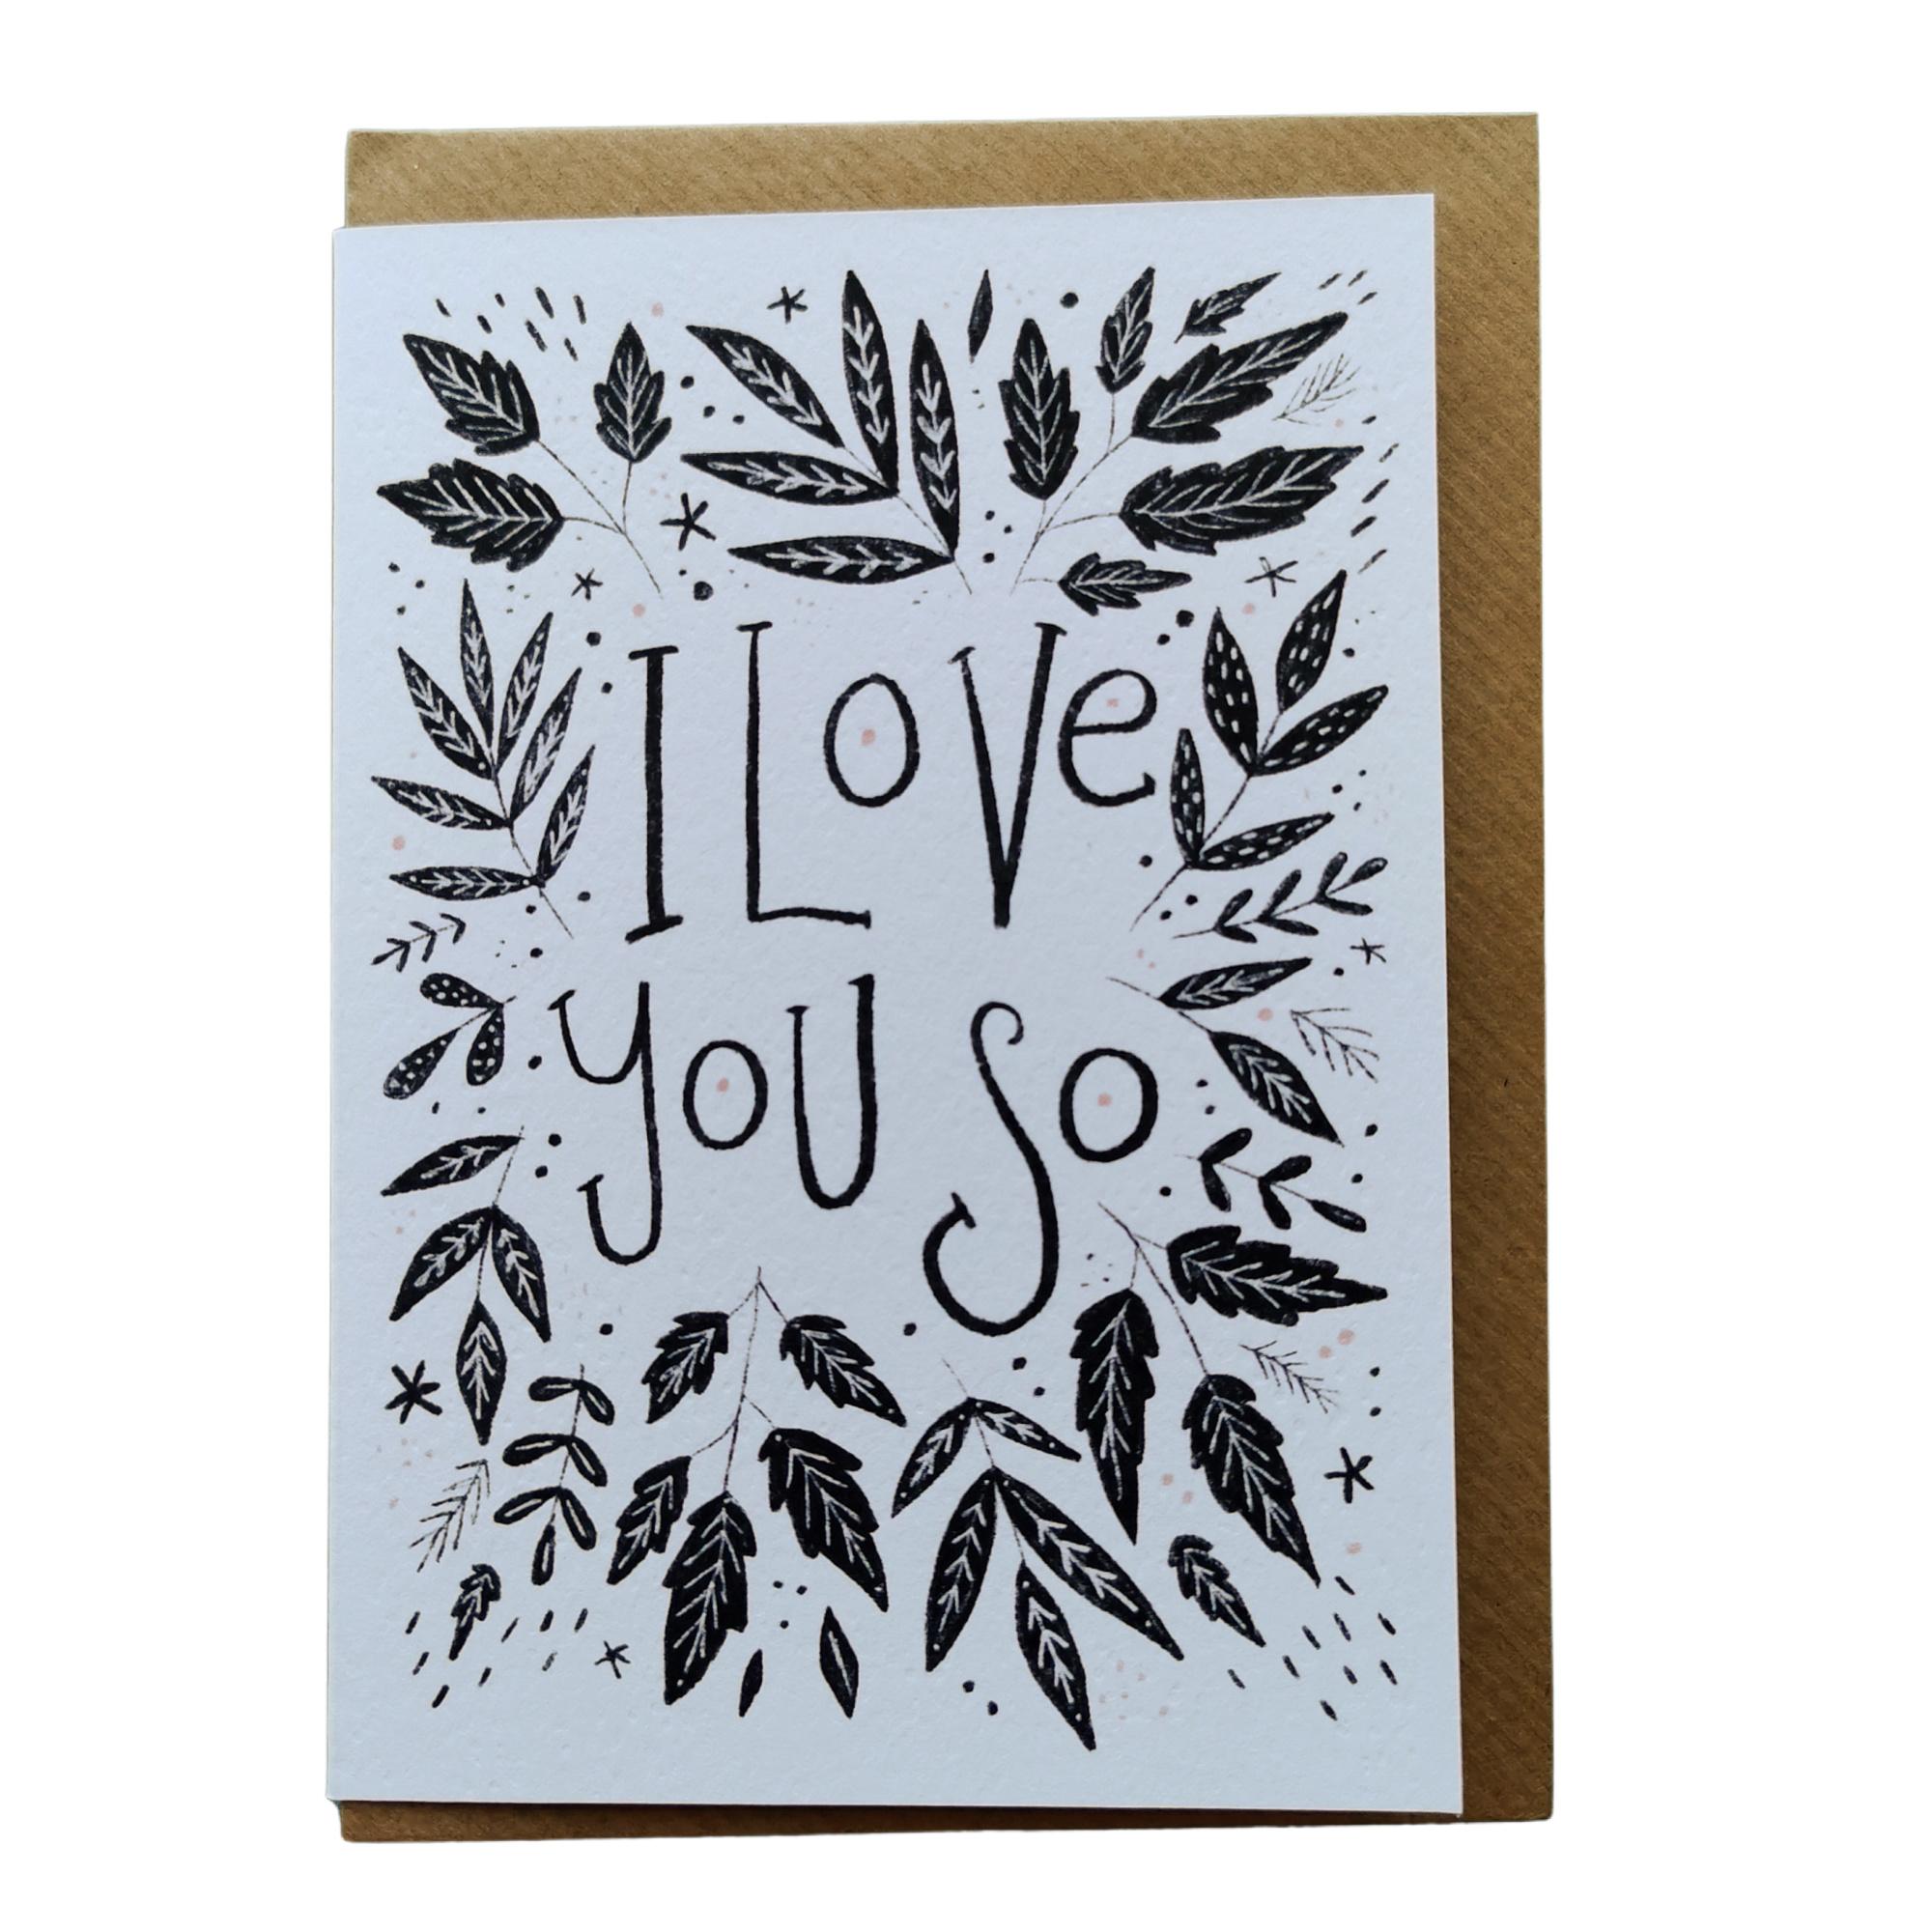 I Love You So card by Juniper Press